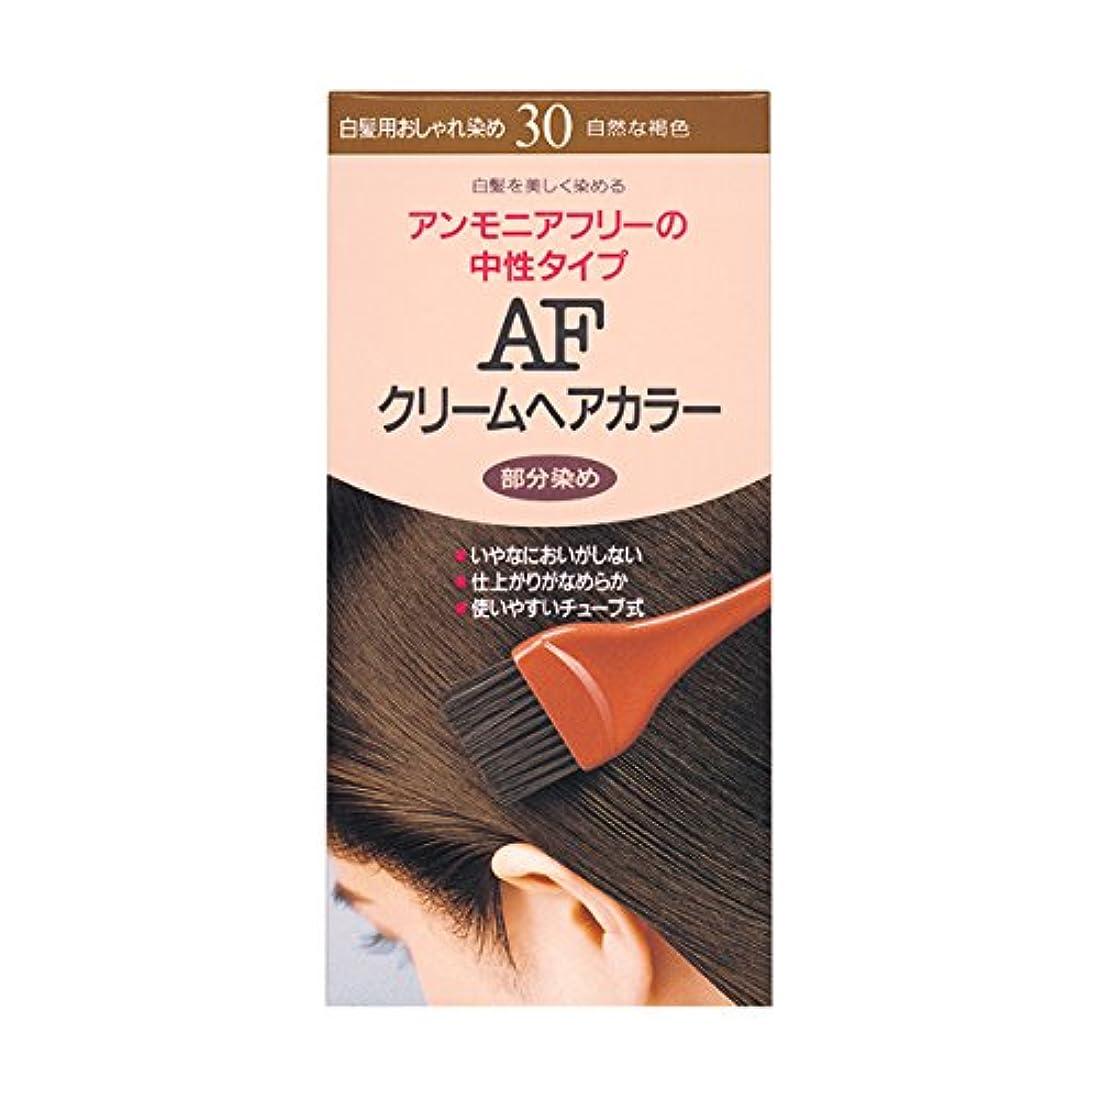 故意にウサギ合体ヘアカラー AFクリームヘアカラー 30 【医薬部外品】